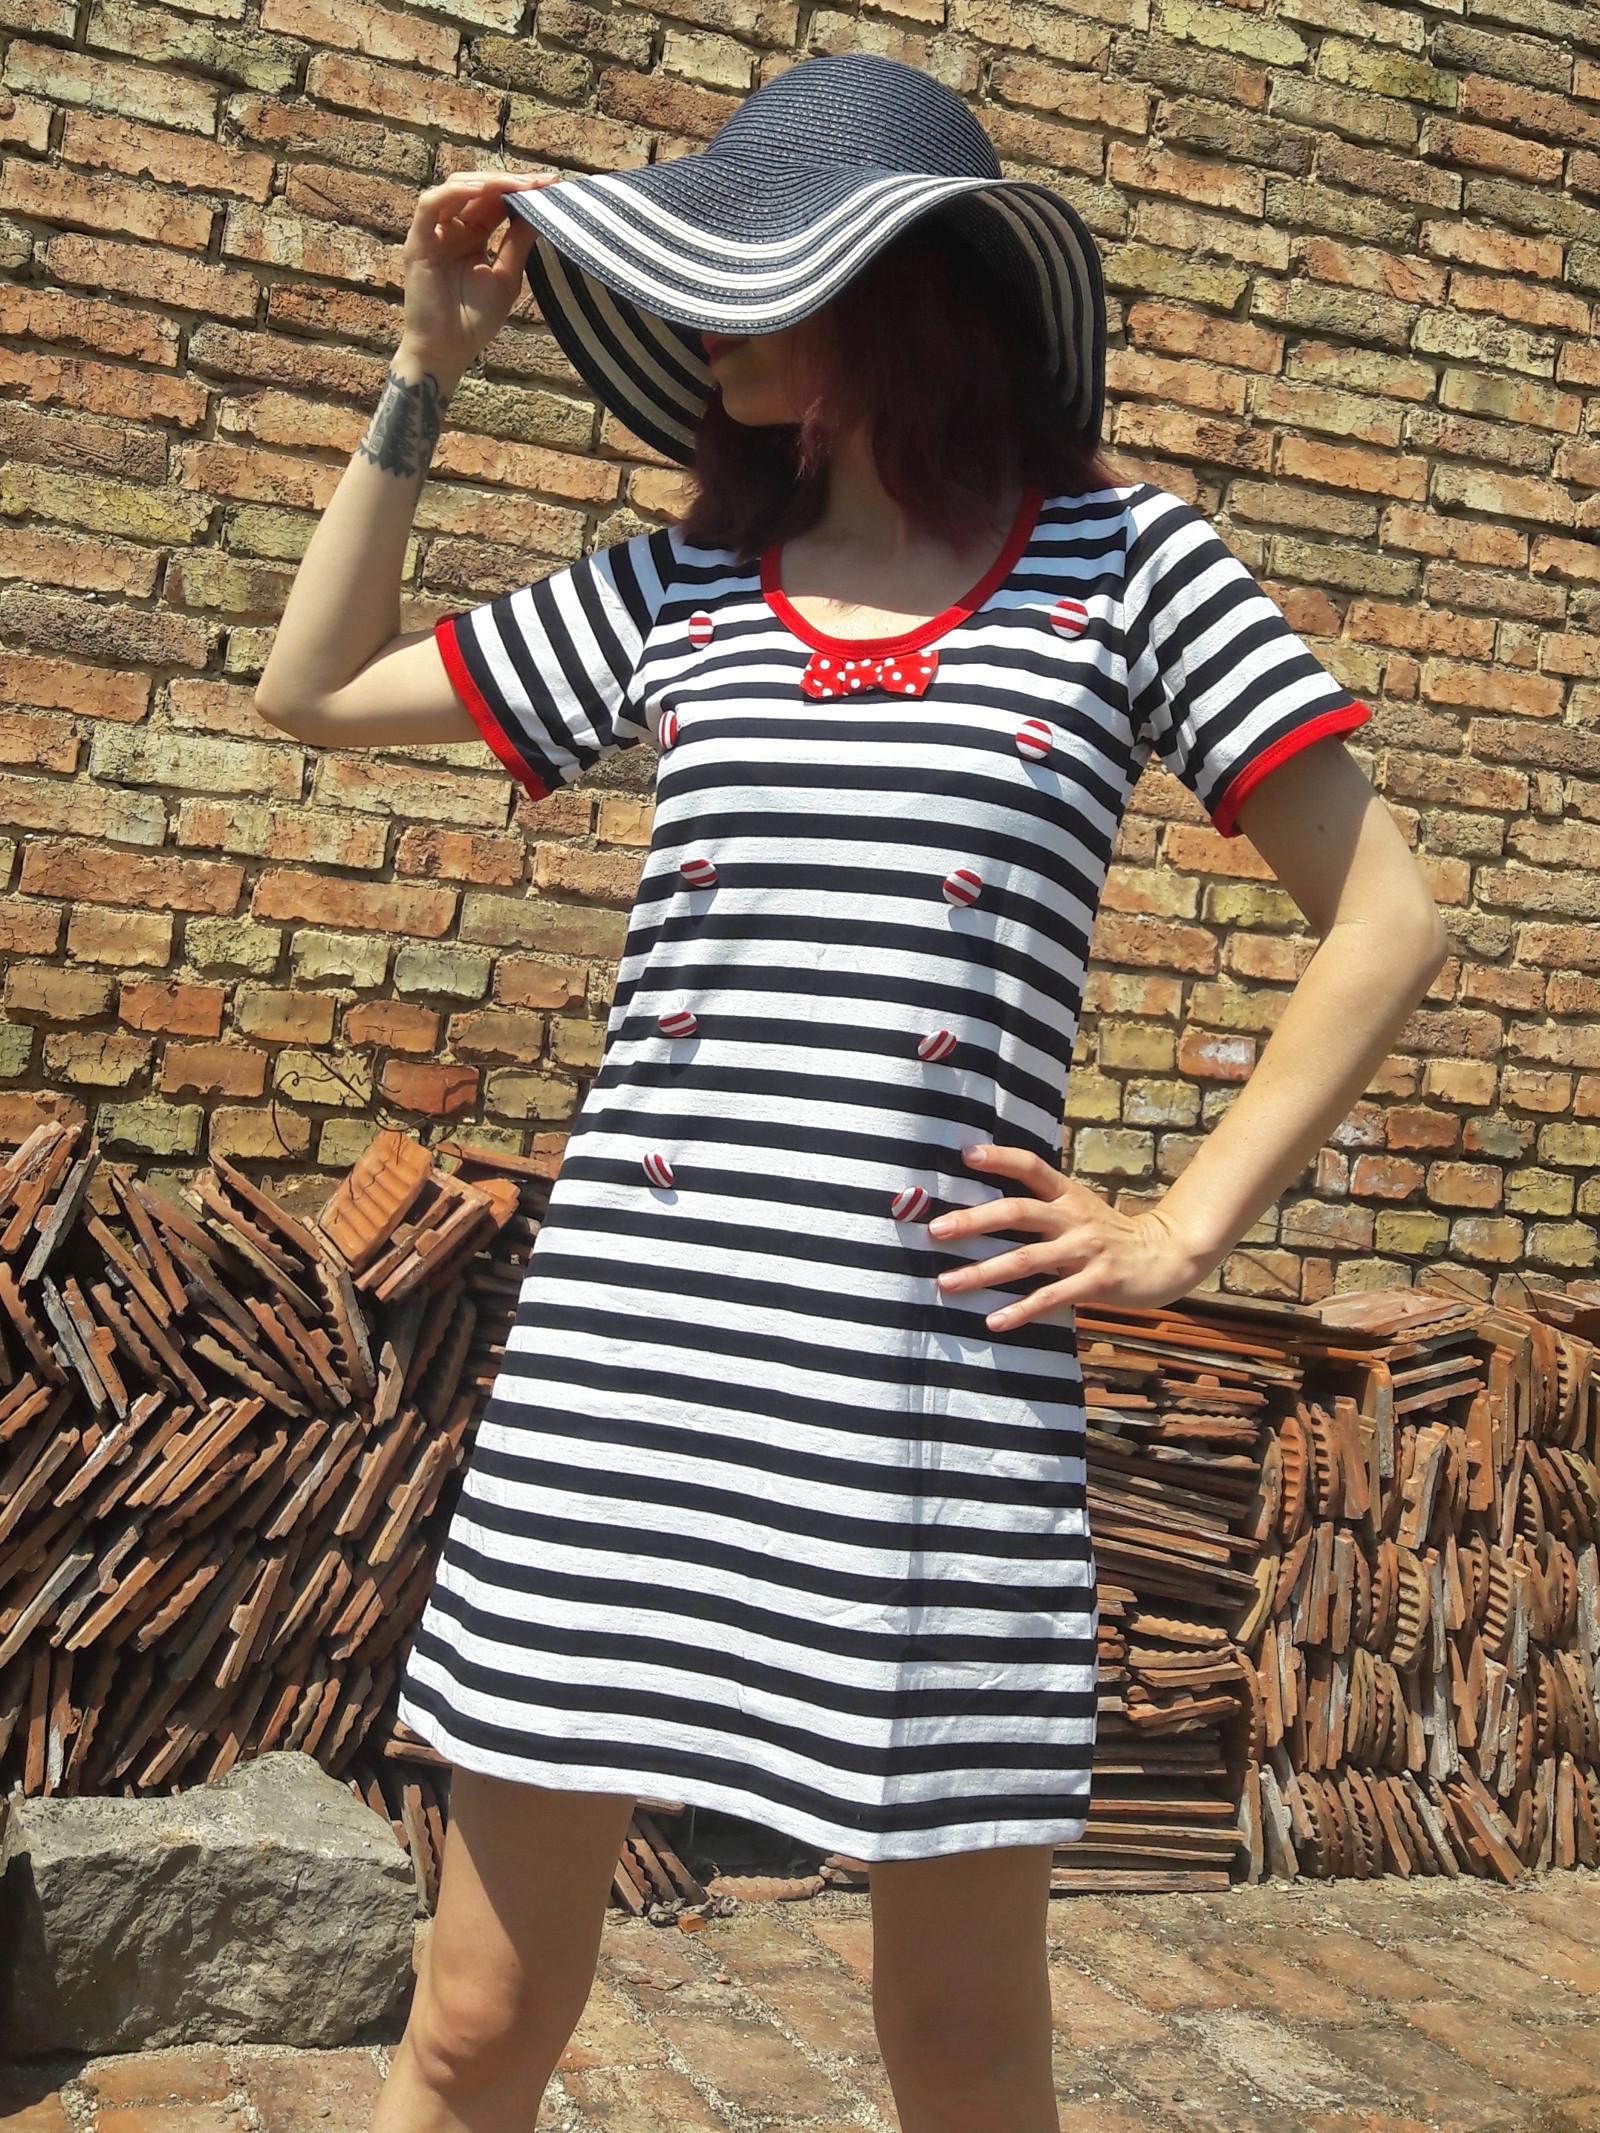 4d0a000995c1 Letní dámské pruhované šaty s motýlkem   Zboží prodejce La Romantica ...